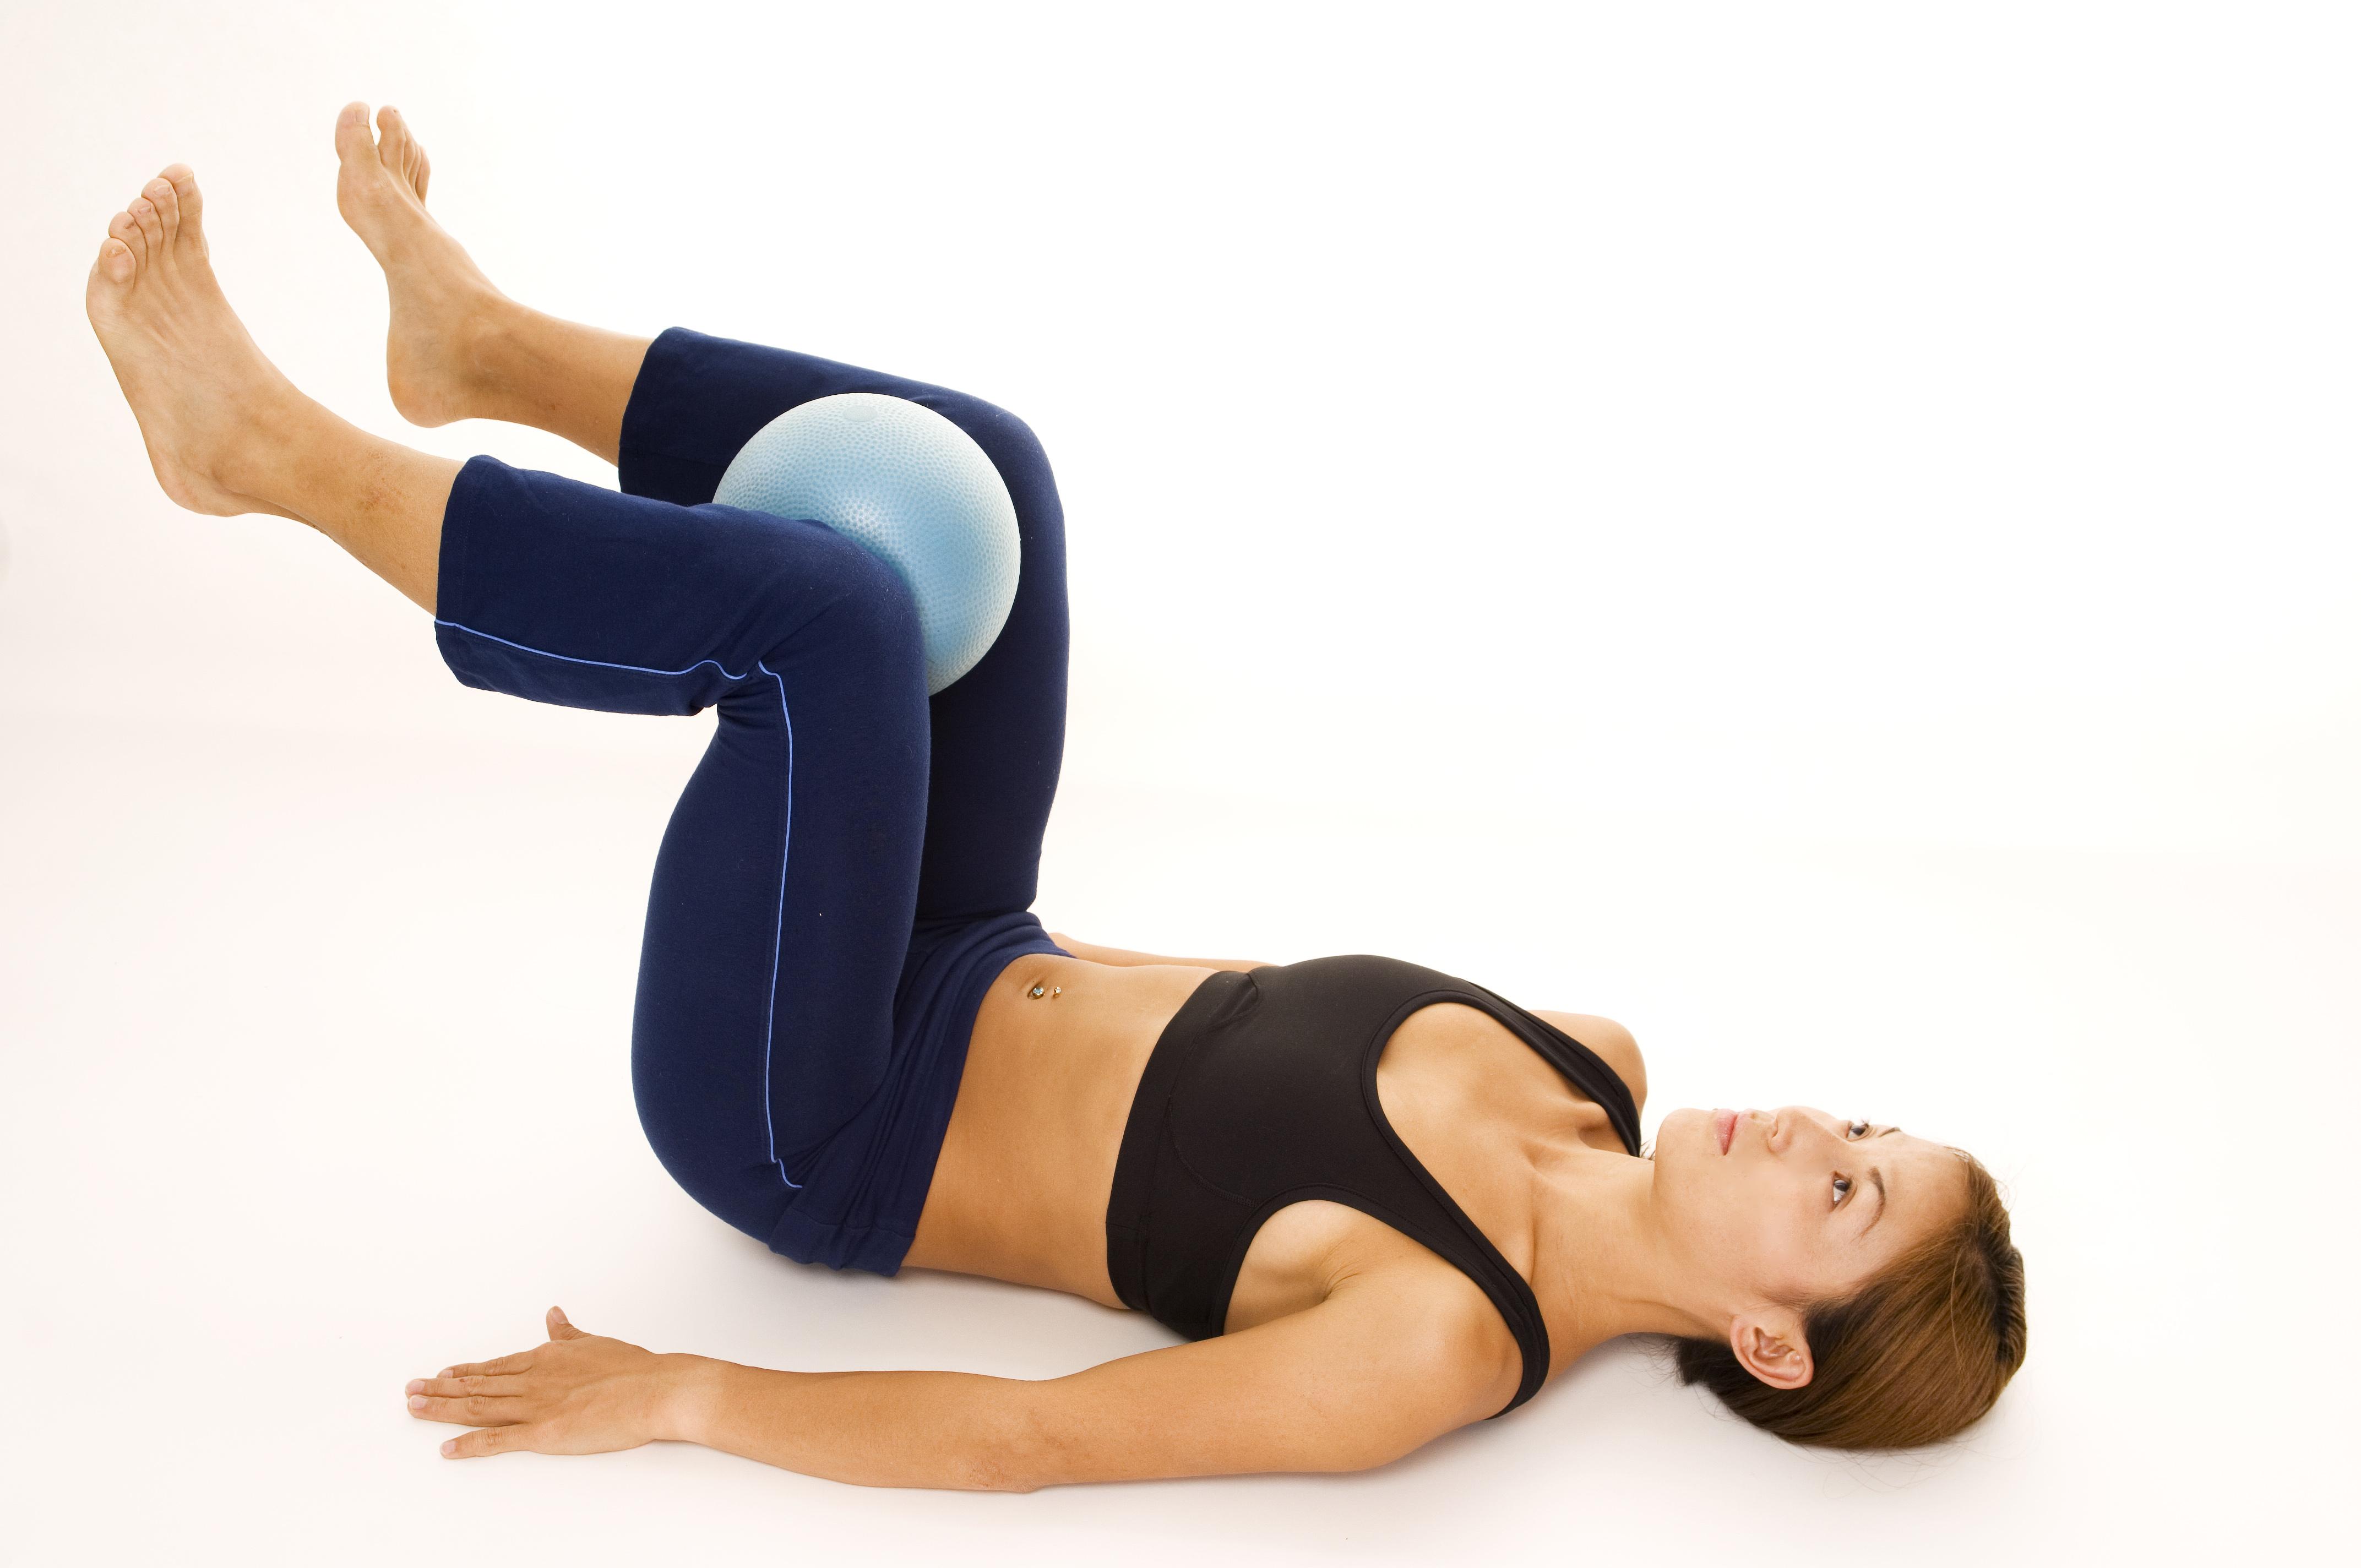 Упражнения Кегеля для женщин в домашних условиях при